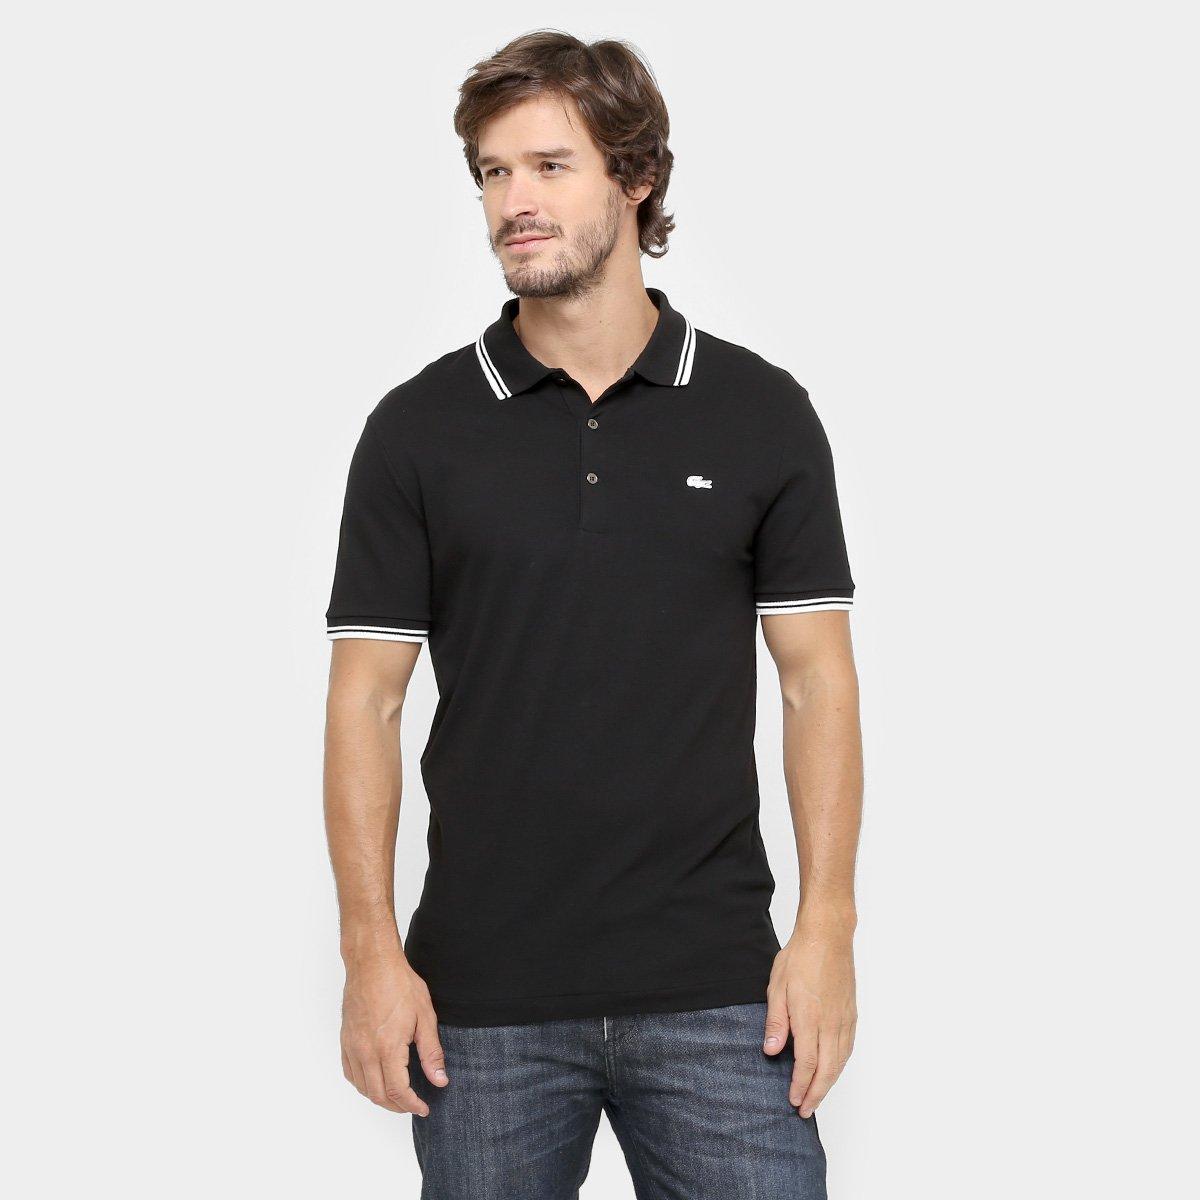 18efd40a7b3cd Camisa Polo Lacoste Piquet Slim Stretch - Compre Agora